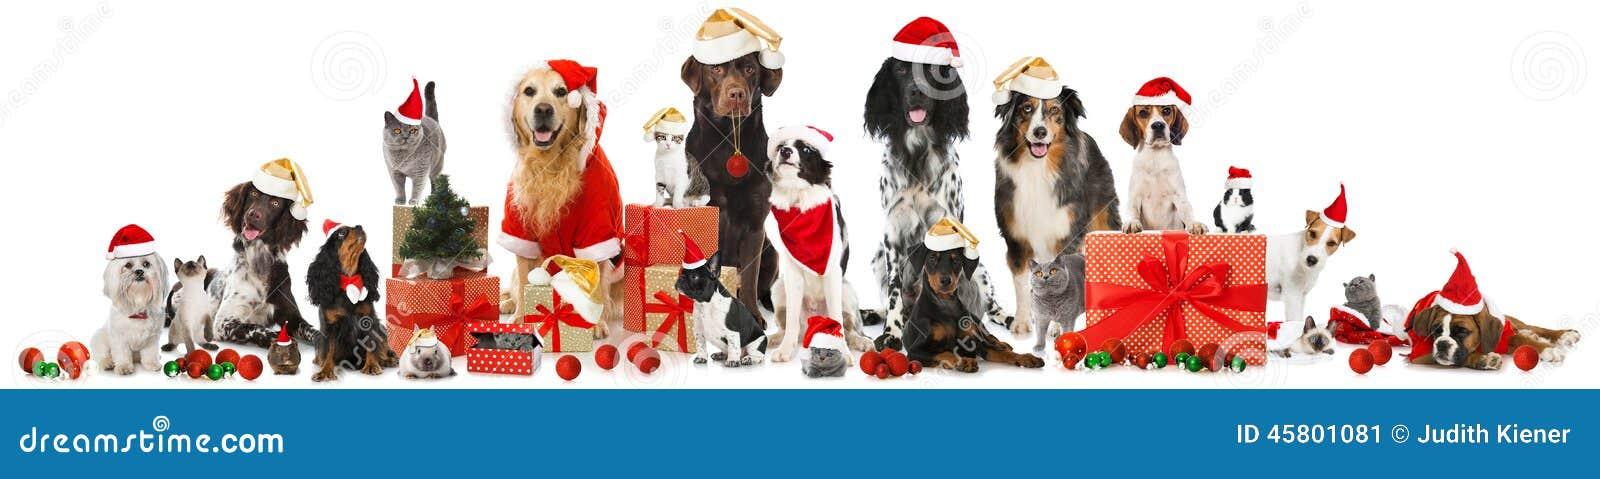 Weihnachtshaustiere